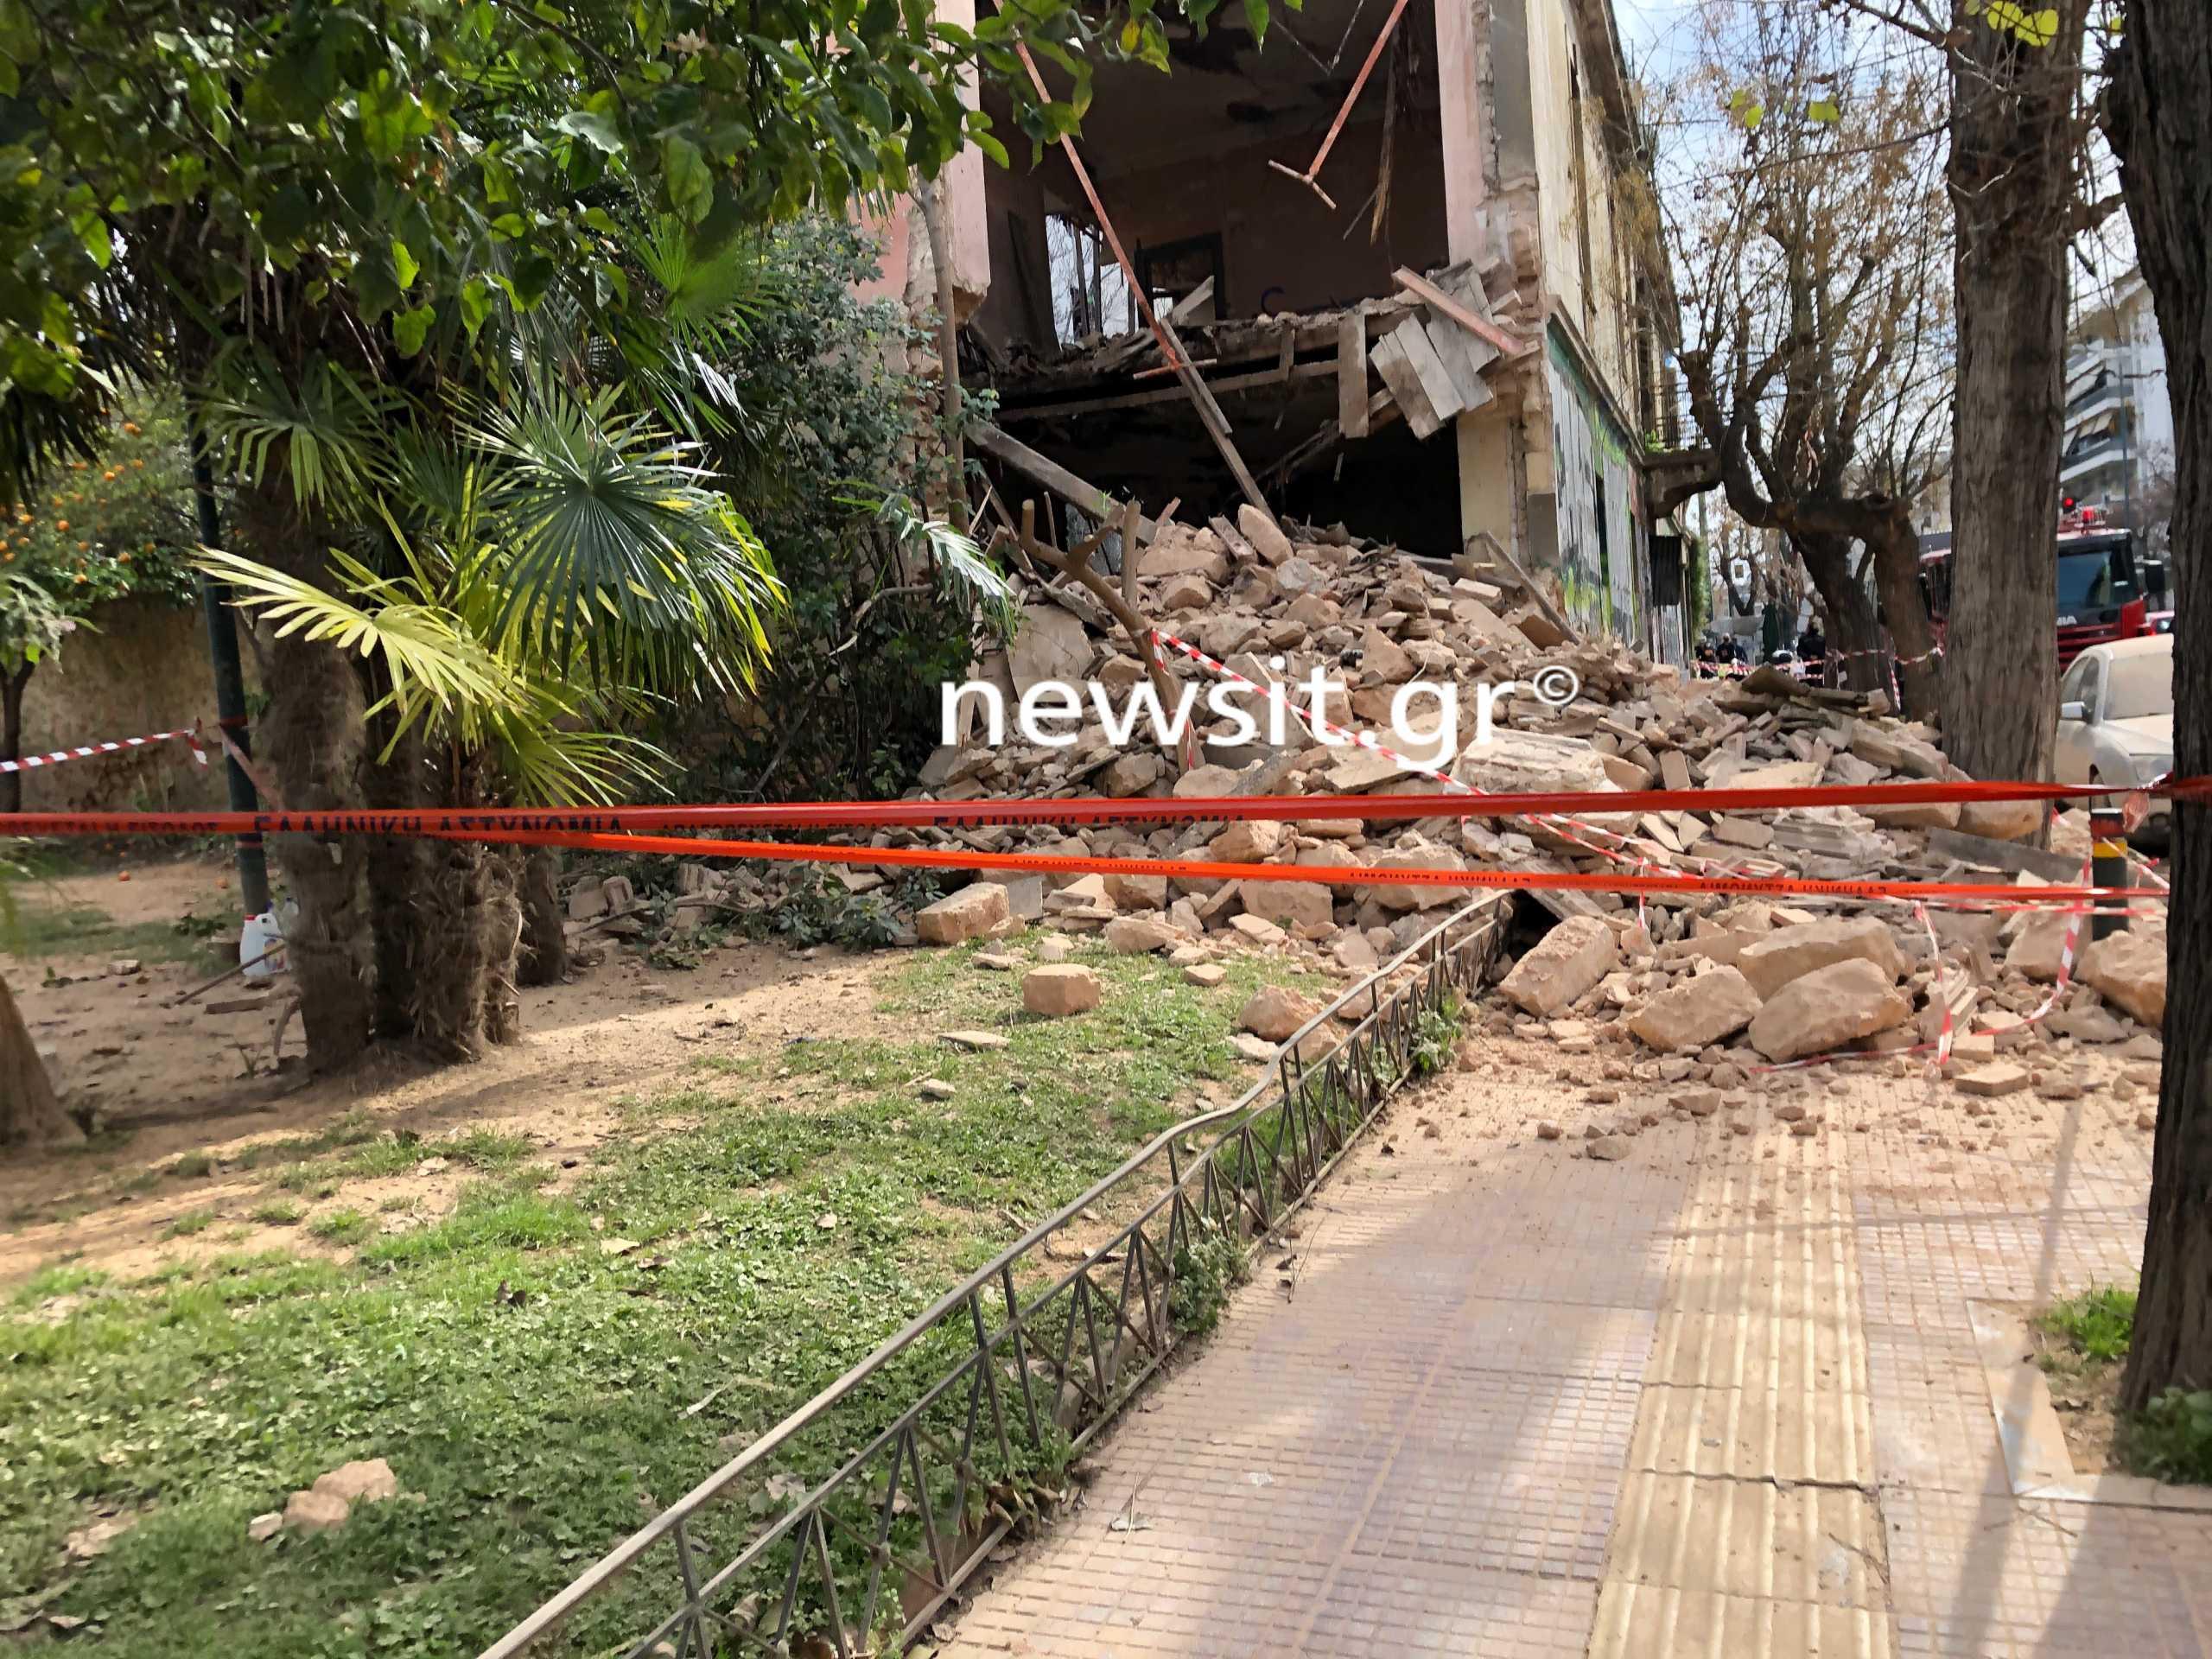 Κατέρρευσε κτίριο στο κέντρο της Αθήνας – Βρέθηκε σώος ένας άνδρας (pics)